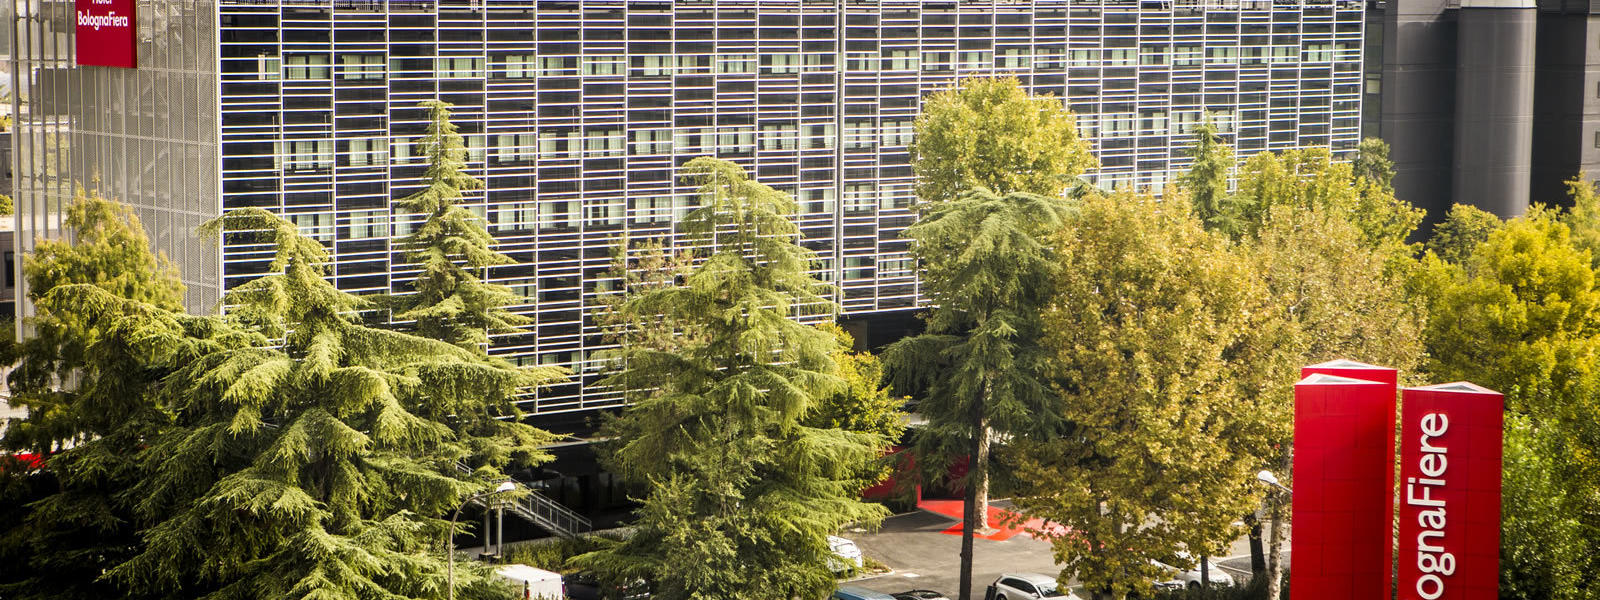 UNAHOTELS Bologna Fiera